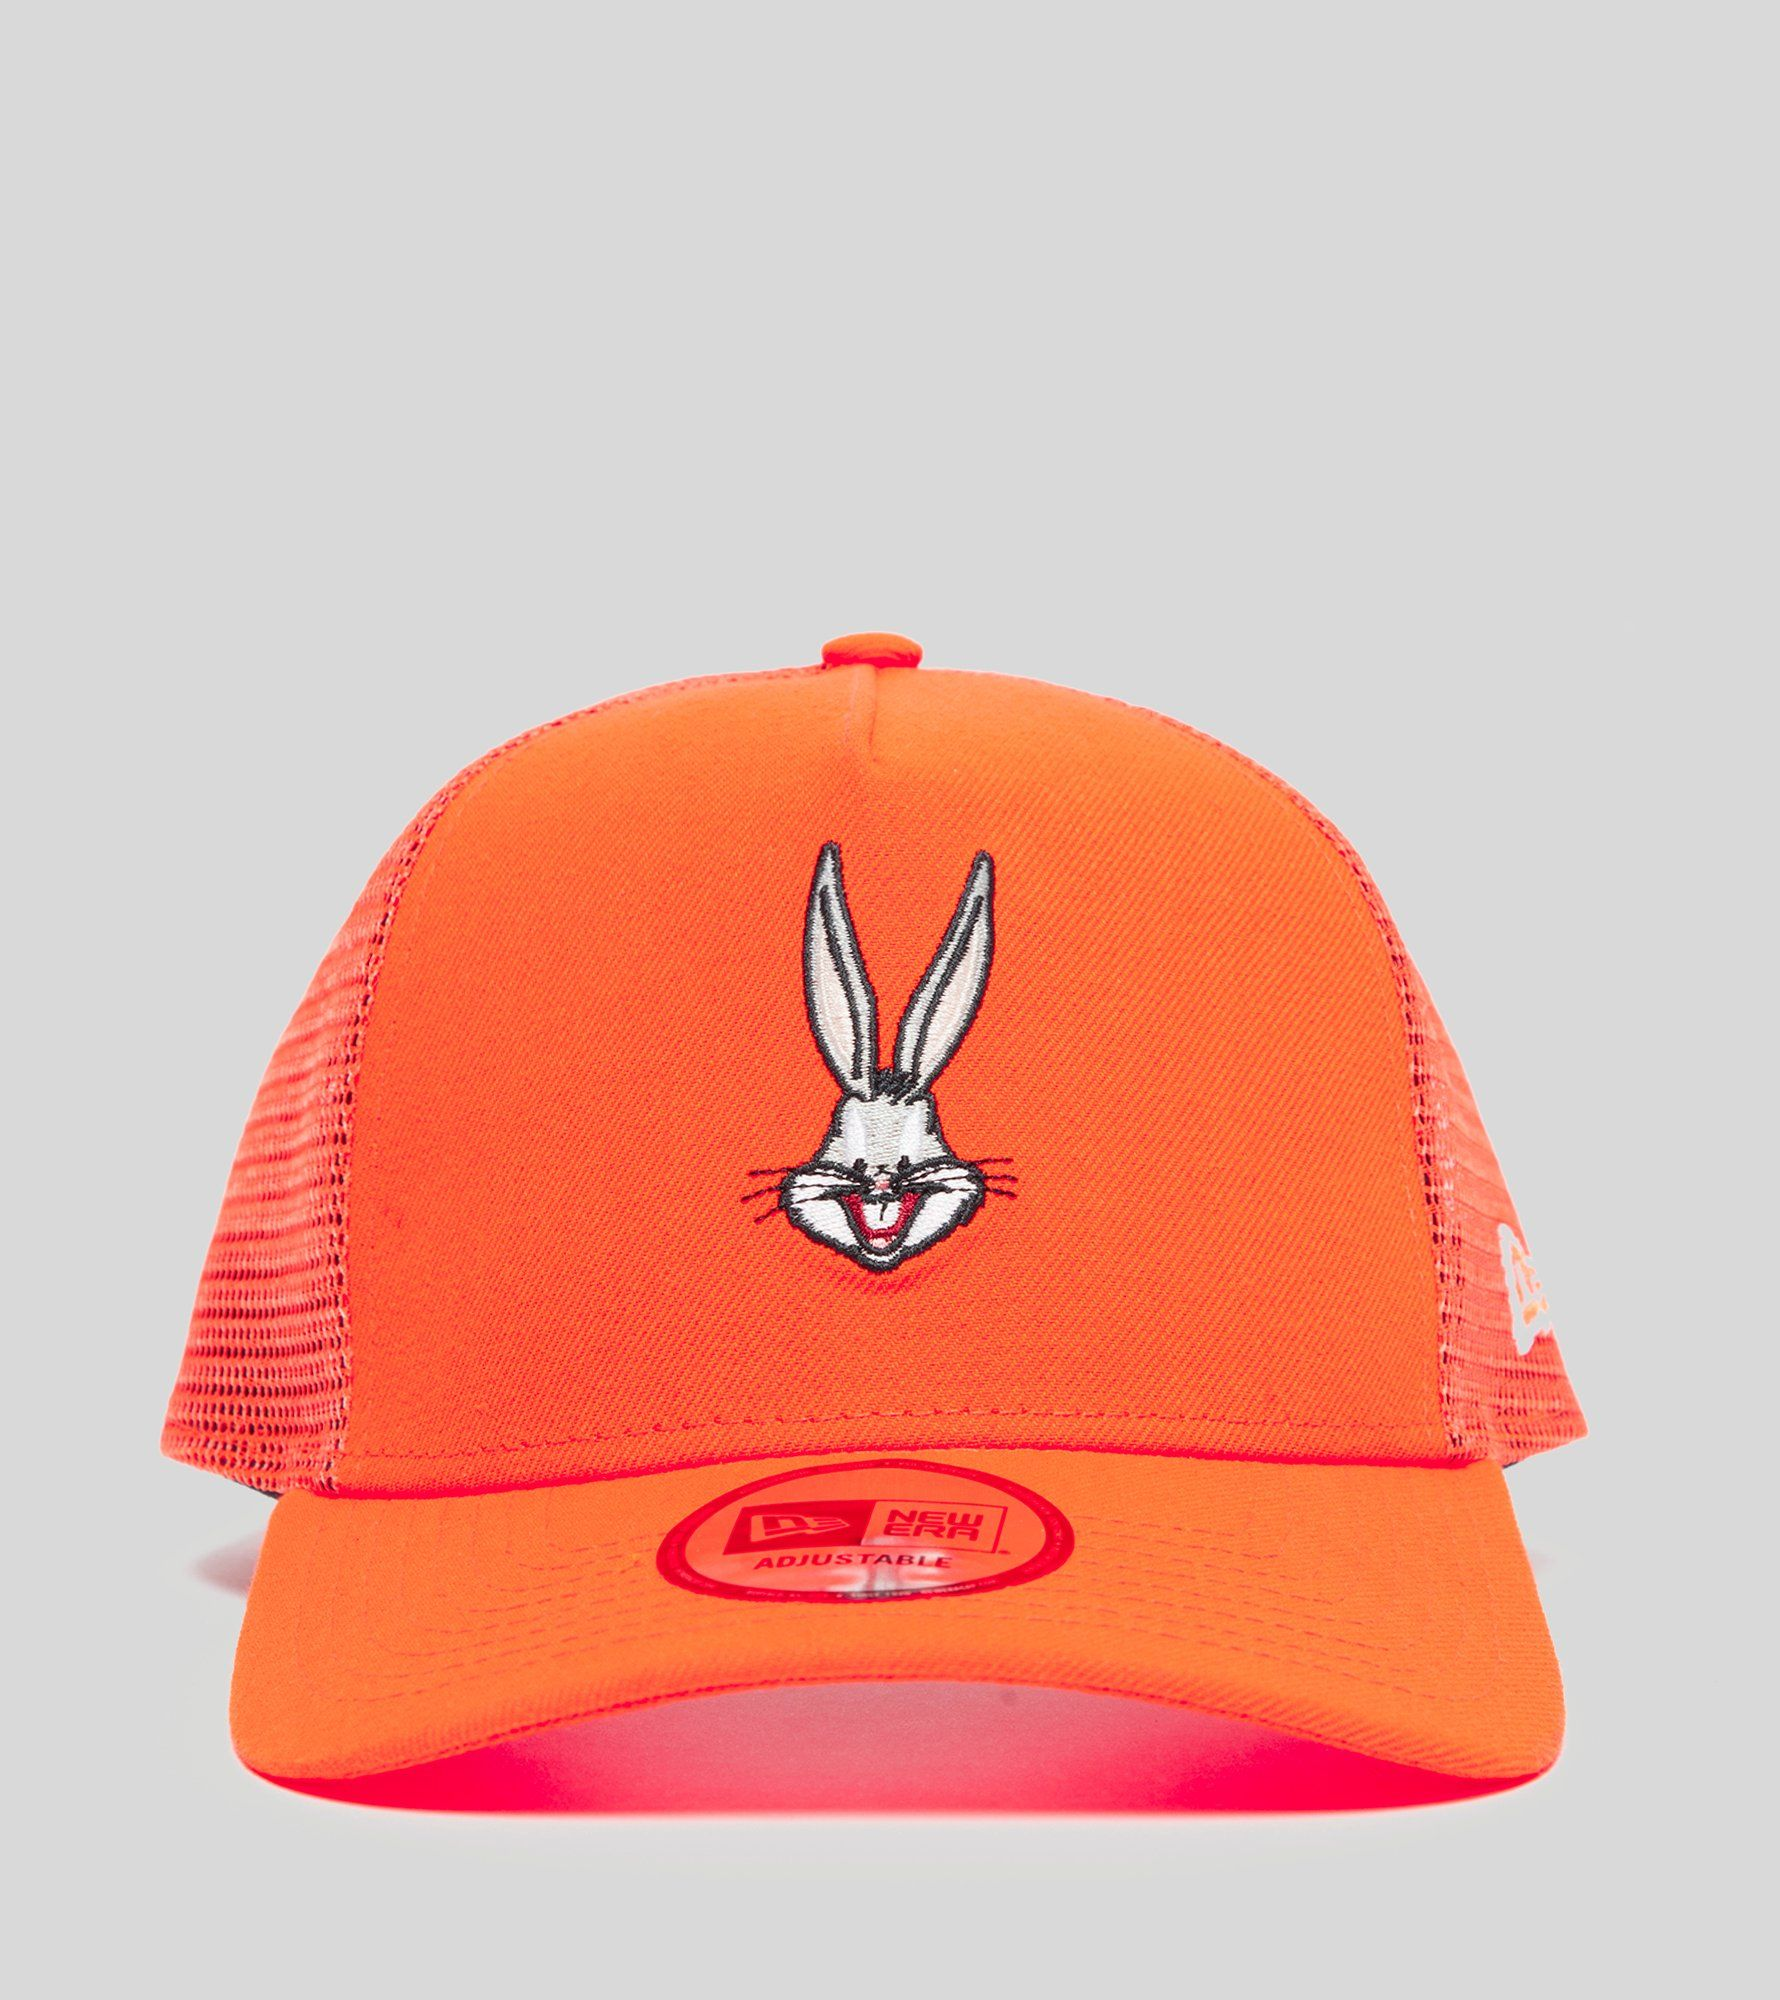 New Era Bugs Bunny Trucker Cap - size? exclusive